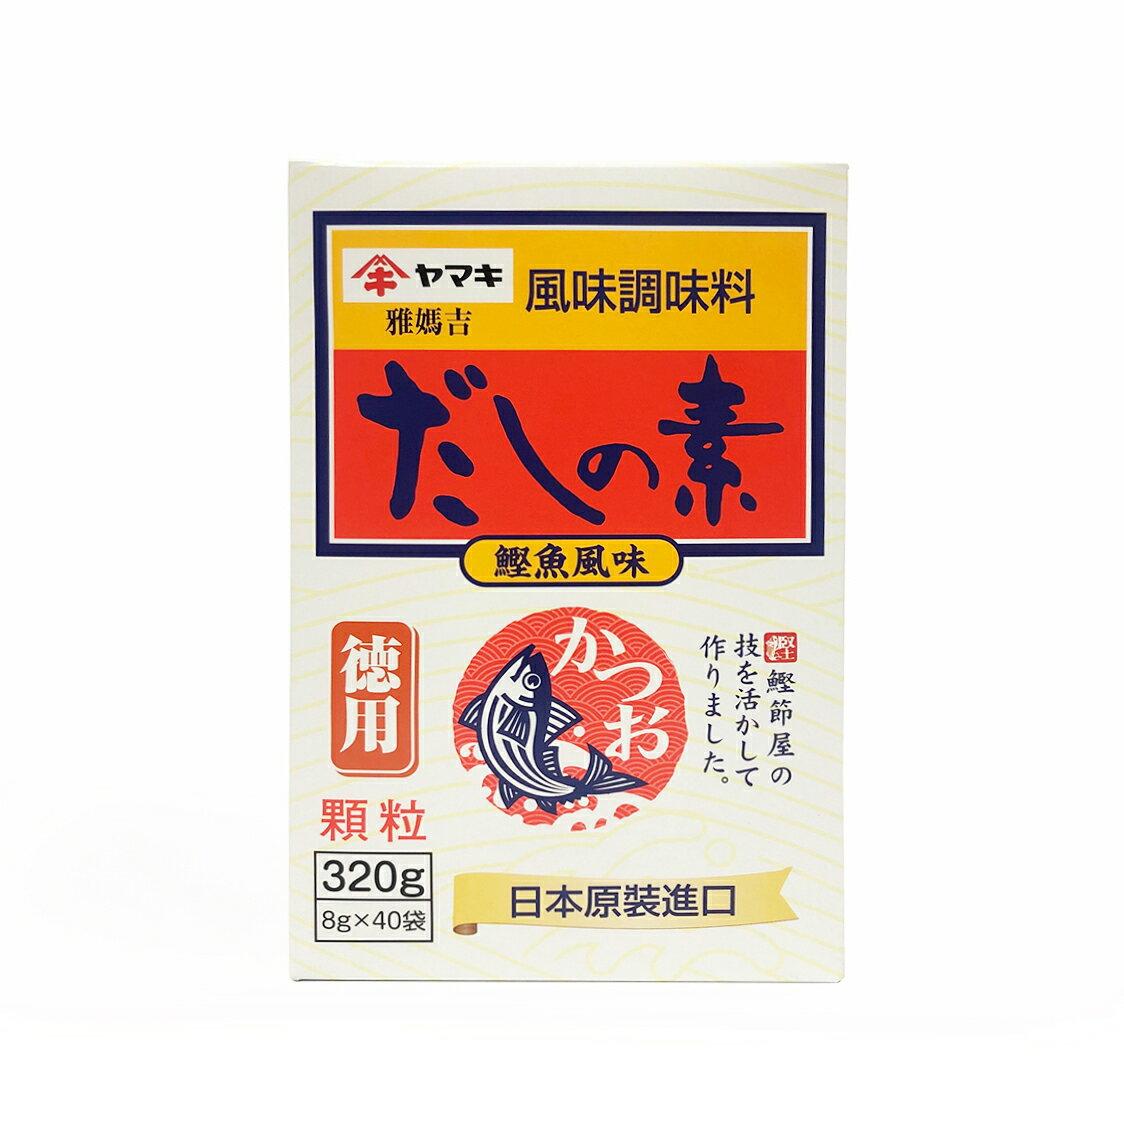 YAMAKI 風味調味粉鰹魚風味 40袋入